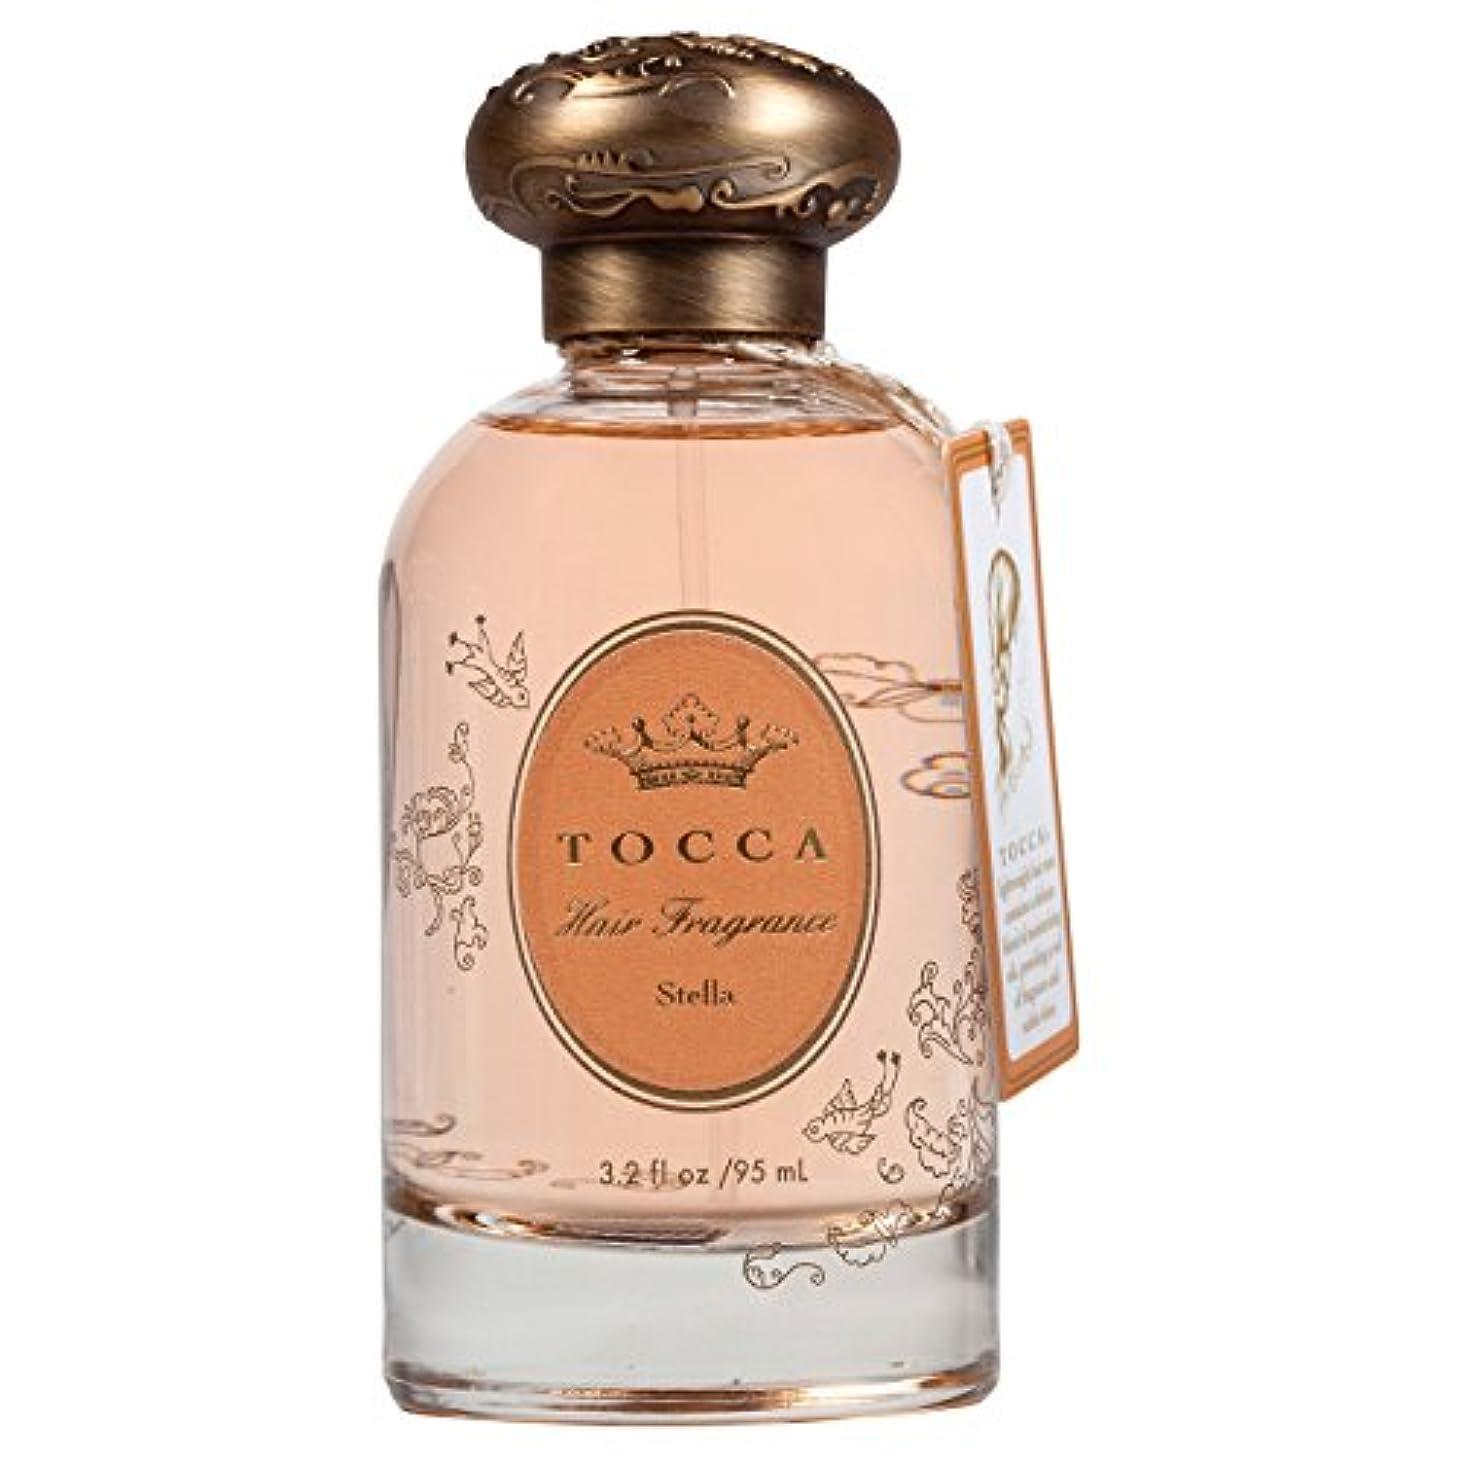 バイオレット側面羽トッカ(TOCCA) ヘアフレグランスミスト ステラの香り 95ml